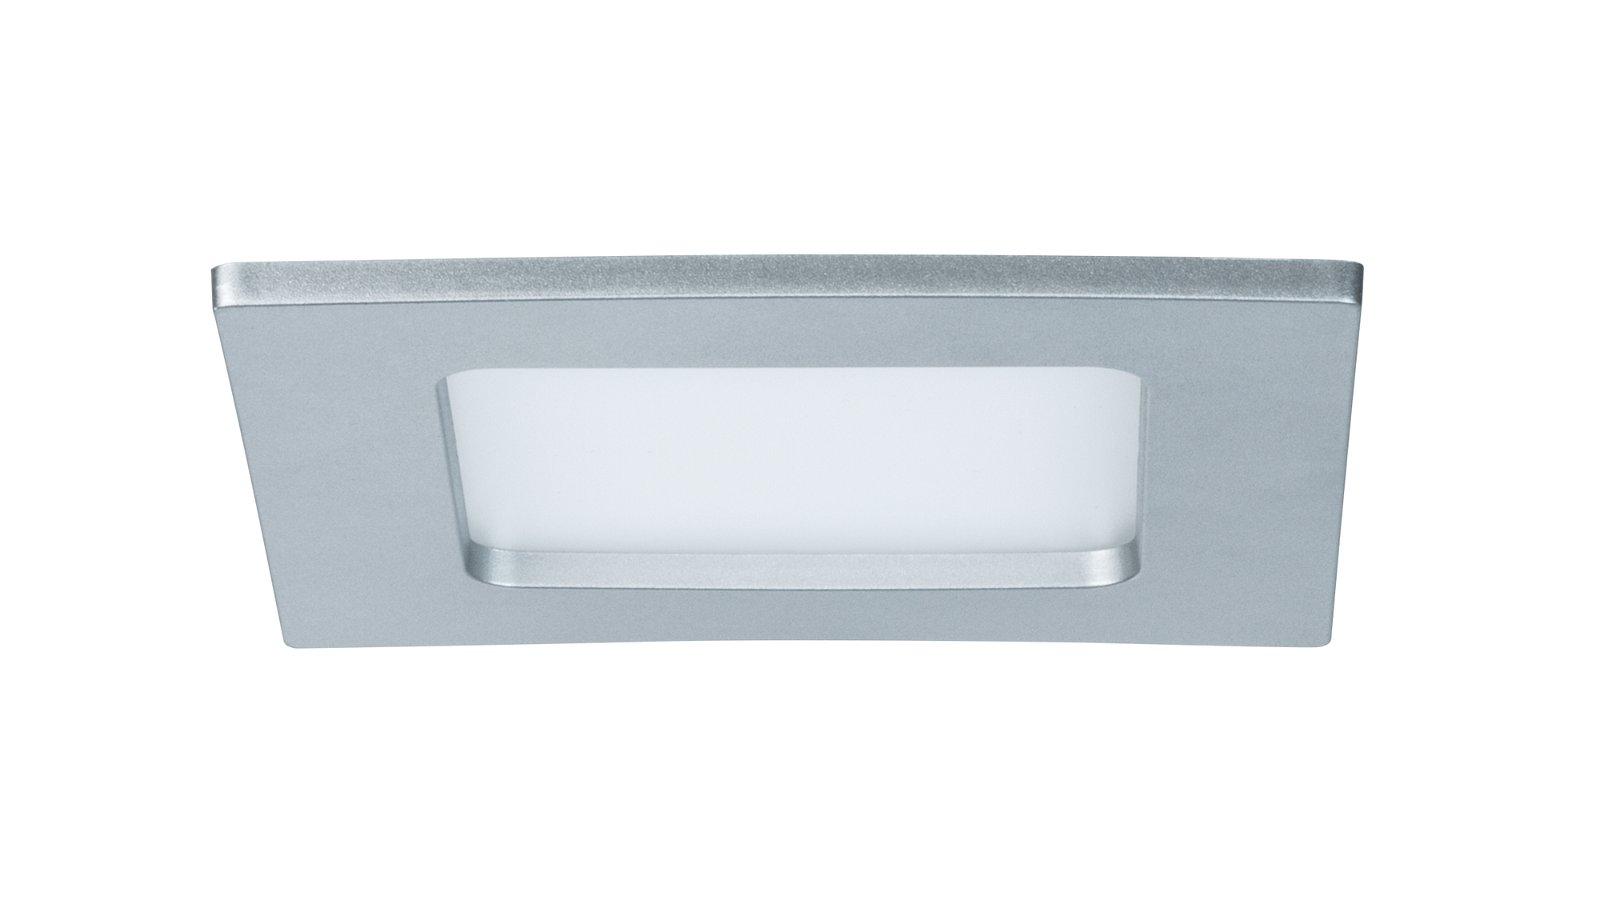 Panneau encastré LED IP44 carré 115x115mm 589lm 2700K Chrome mat